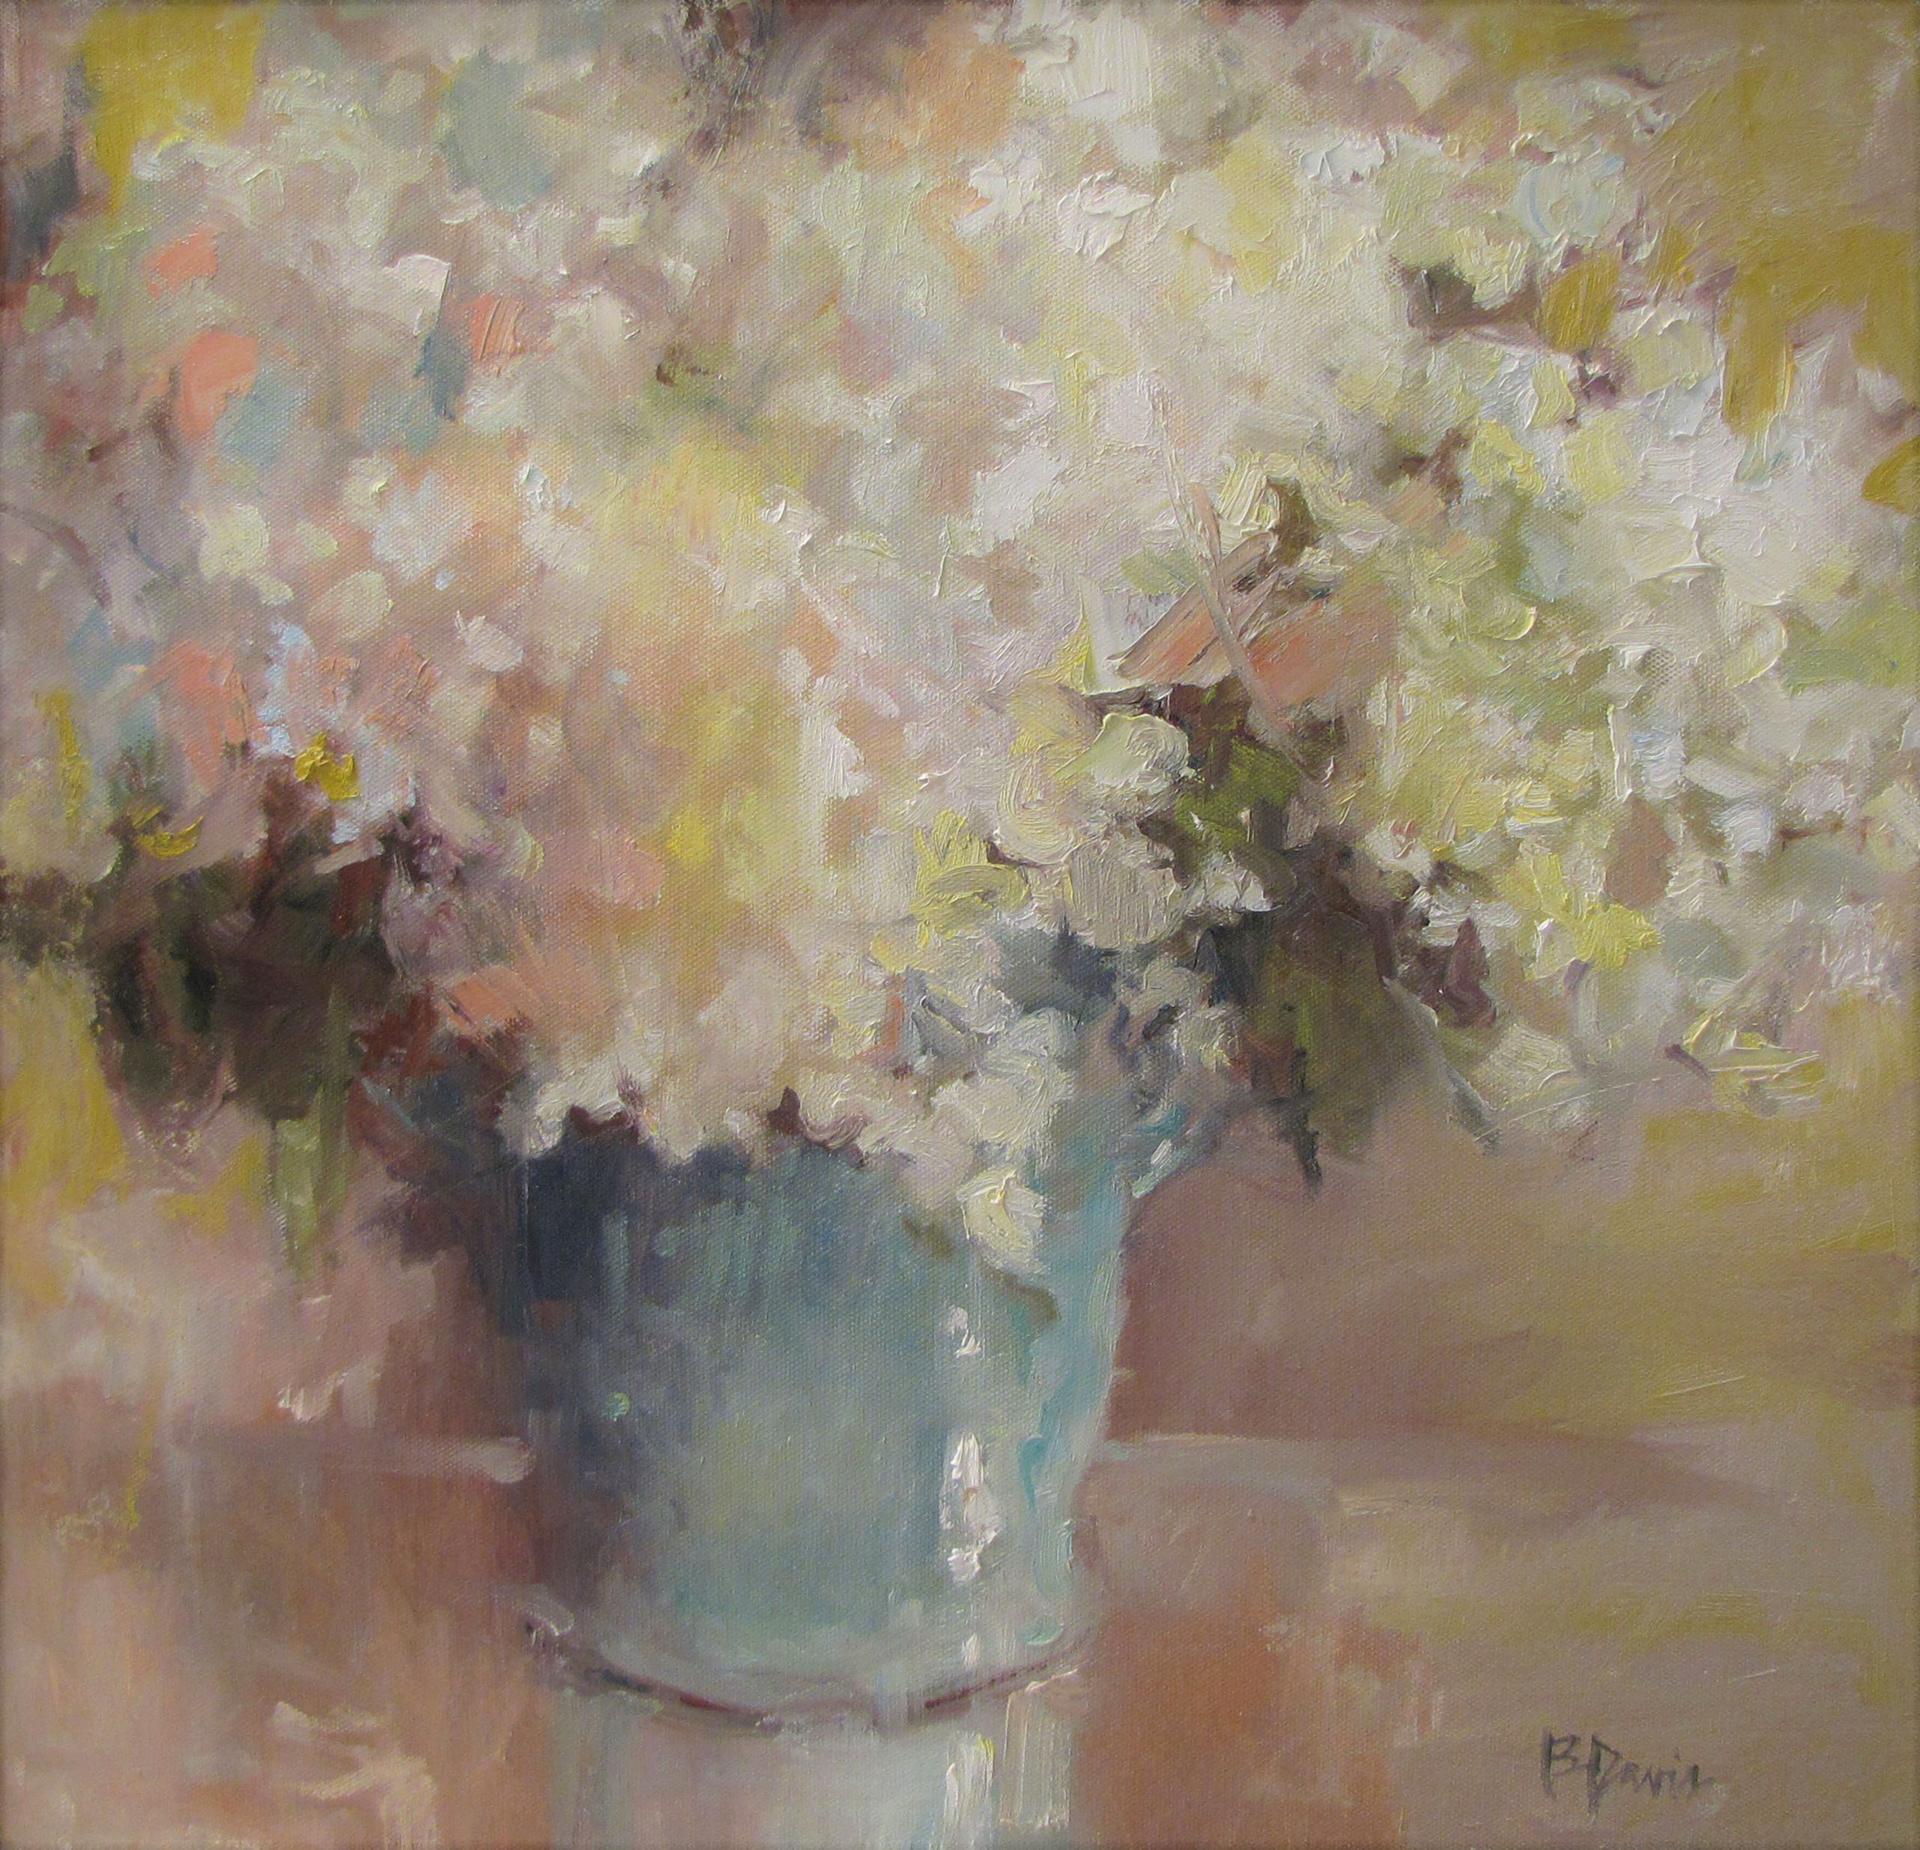 Rainy Day Bouquet by Barbara Davis